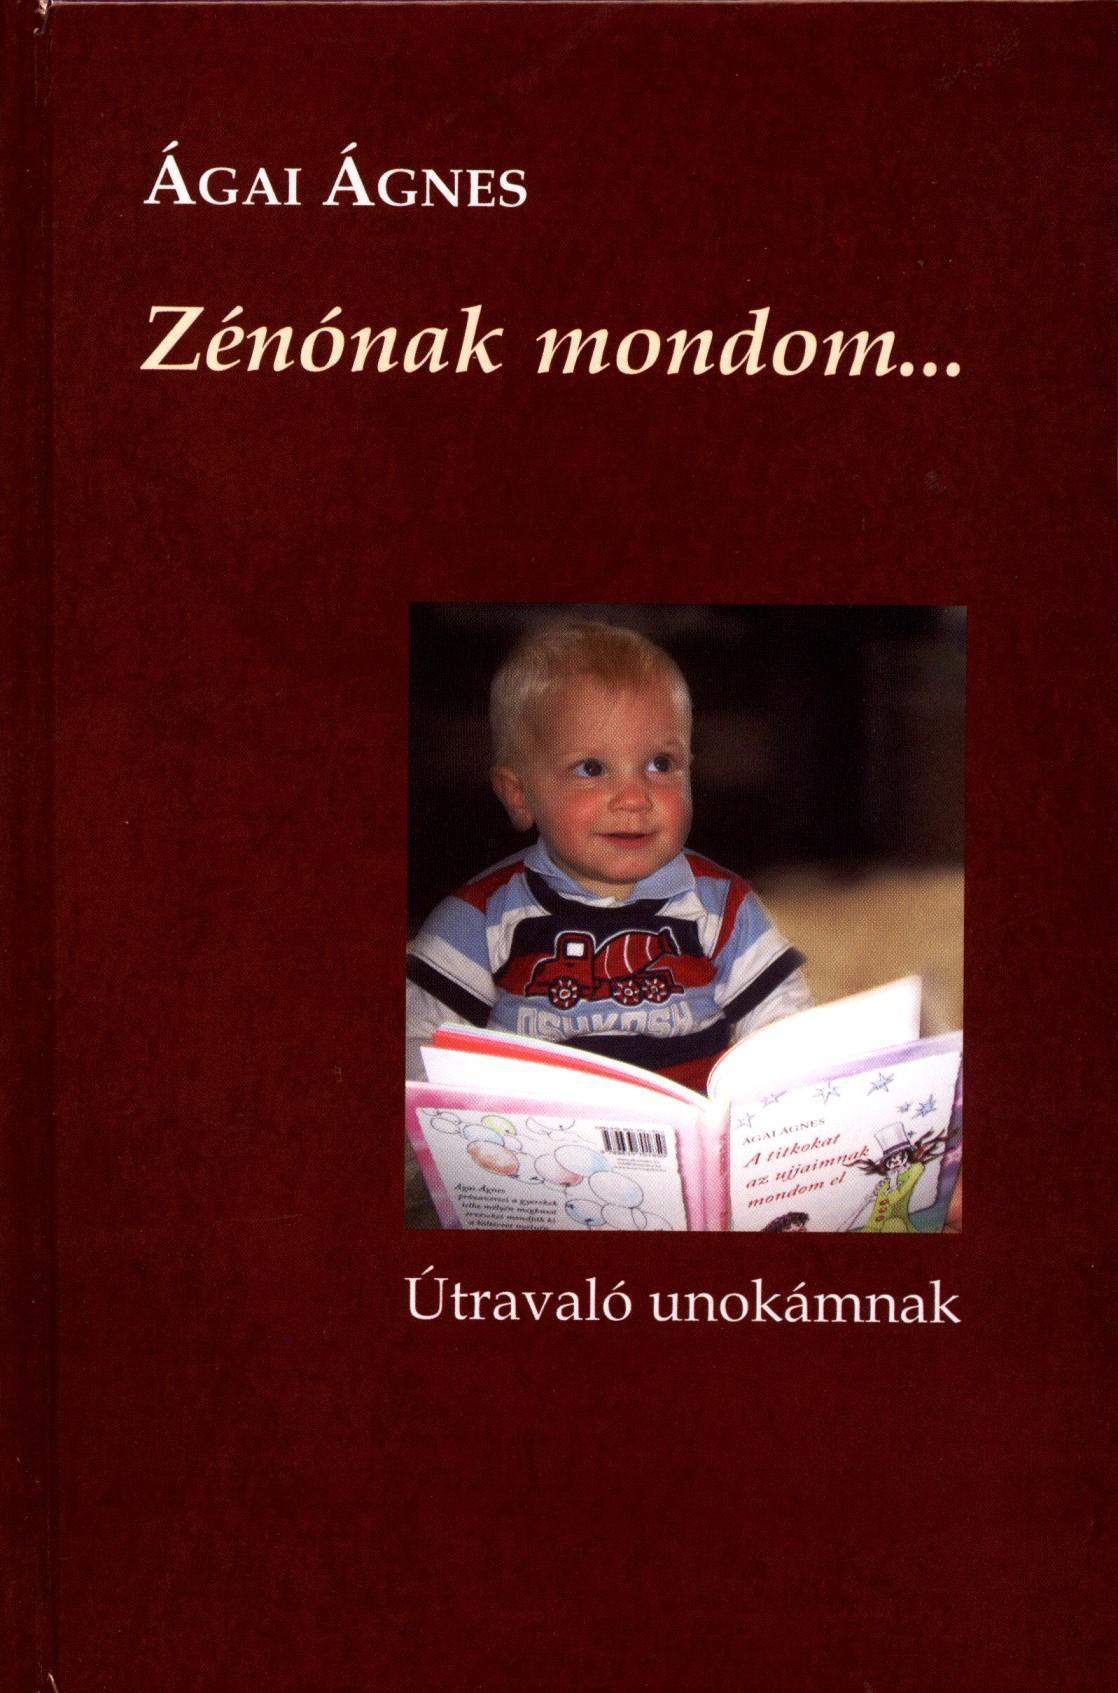 ZÉNÓNAK MONDOM - ÚTRAVALÓ UNOKÁMNAK